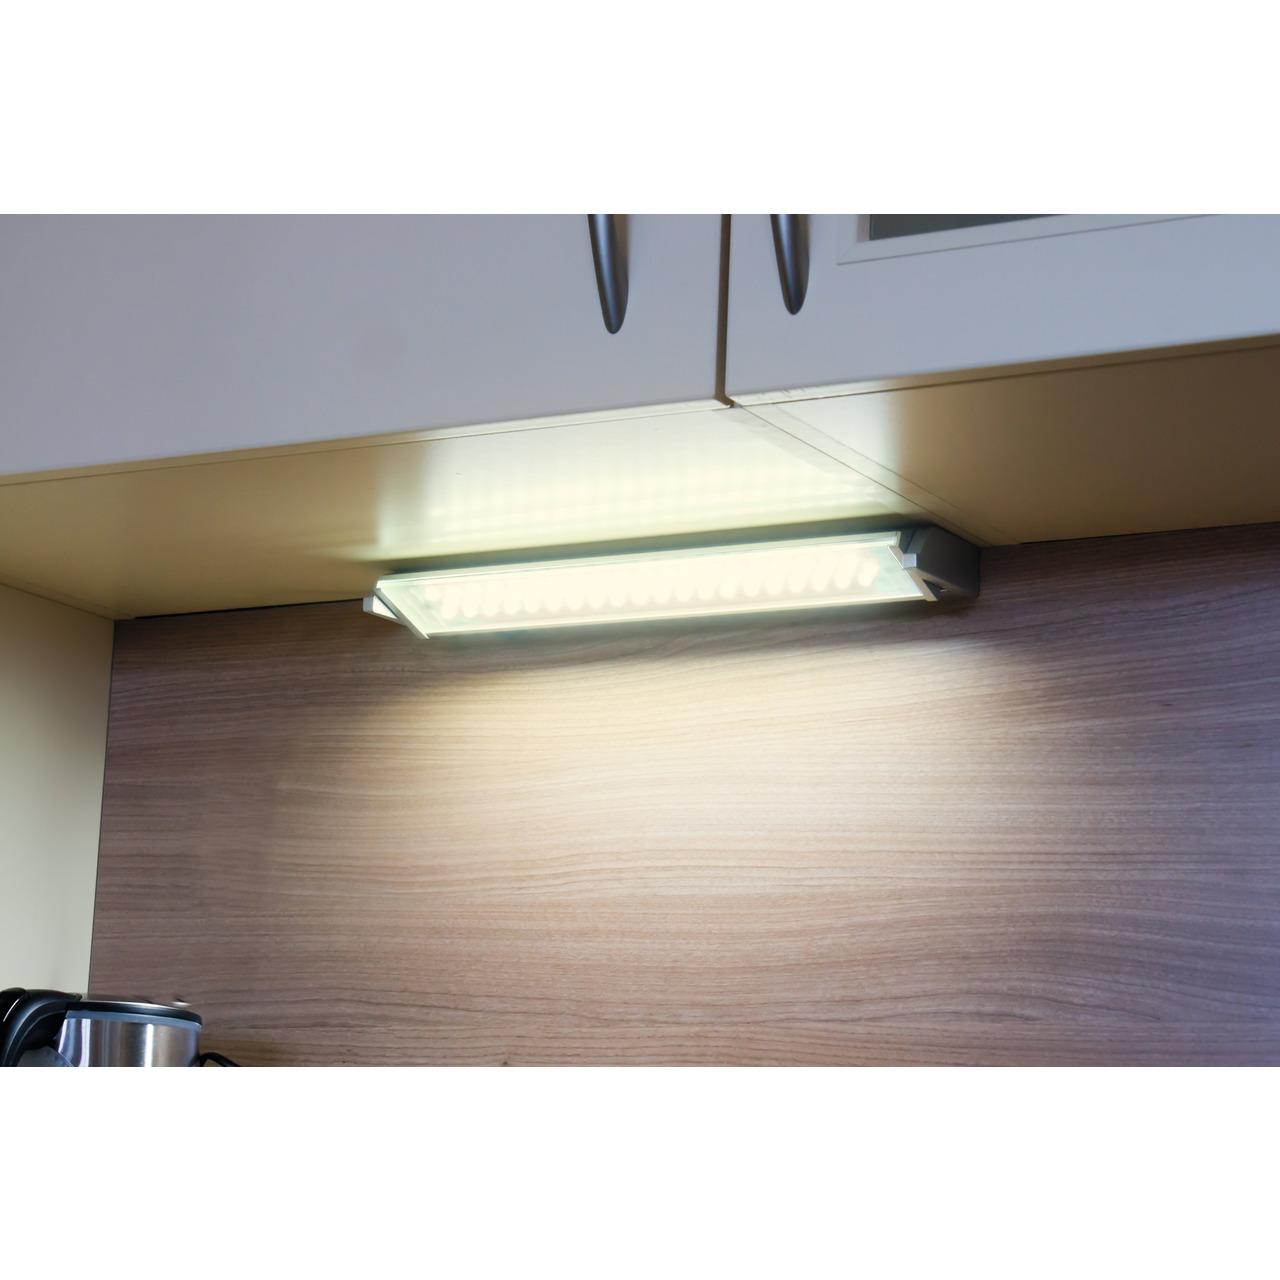 Heitronic Schwenkbare LED-Unterbauleuchte MIAMI- 15 W- 980 lm- warmweiss- 91 cm